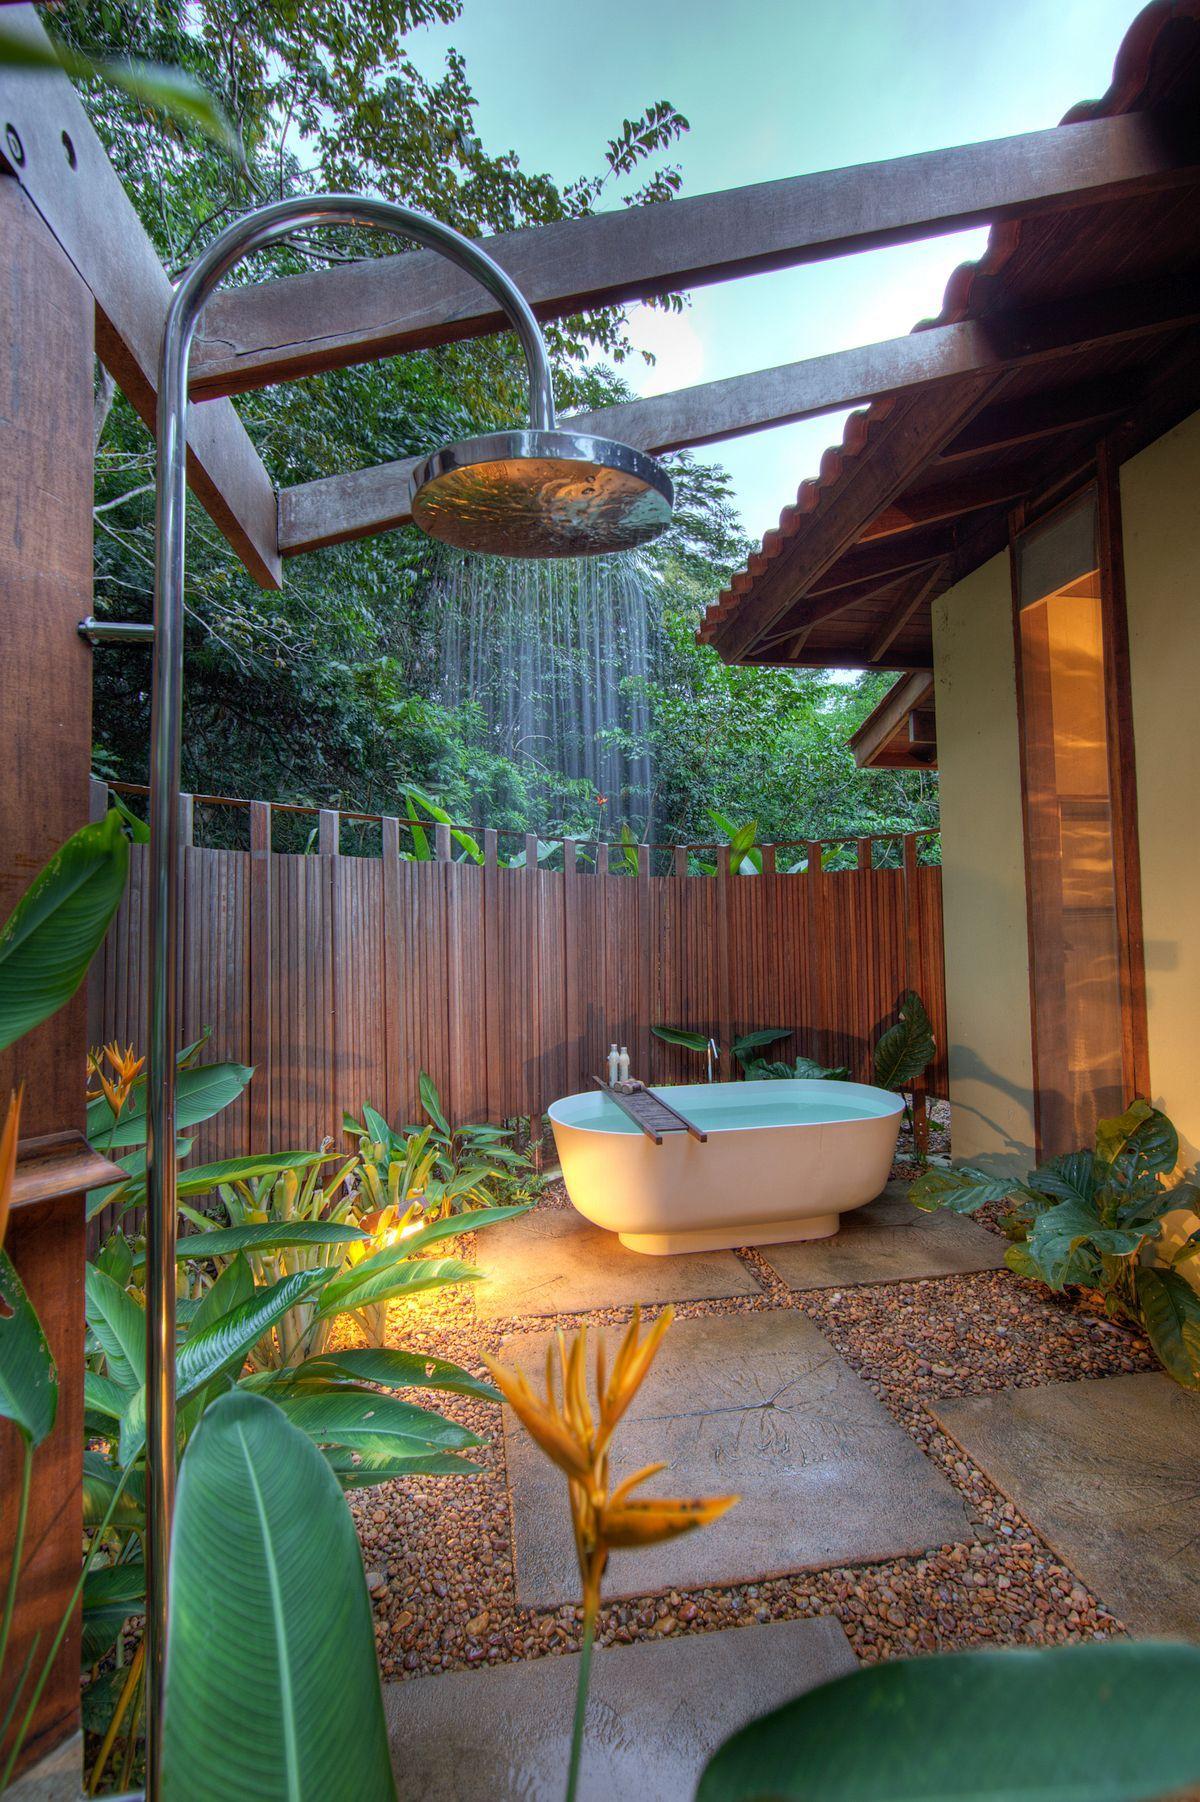 Cozy outdoor bathroom